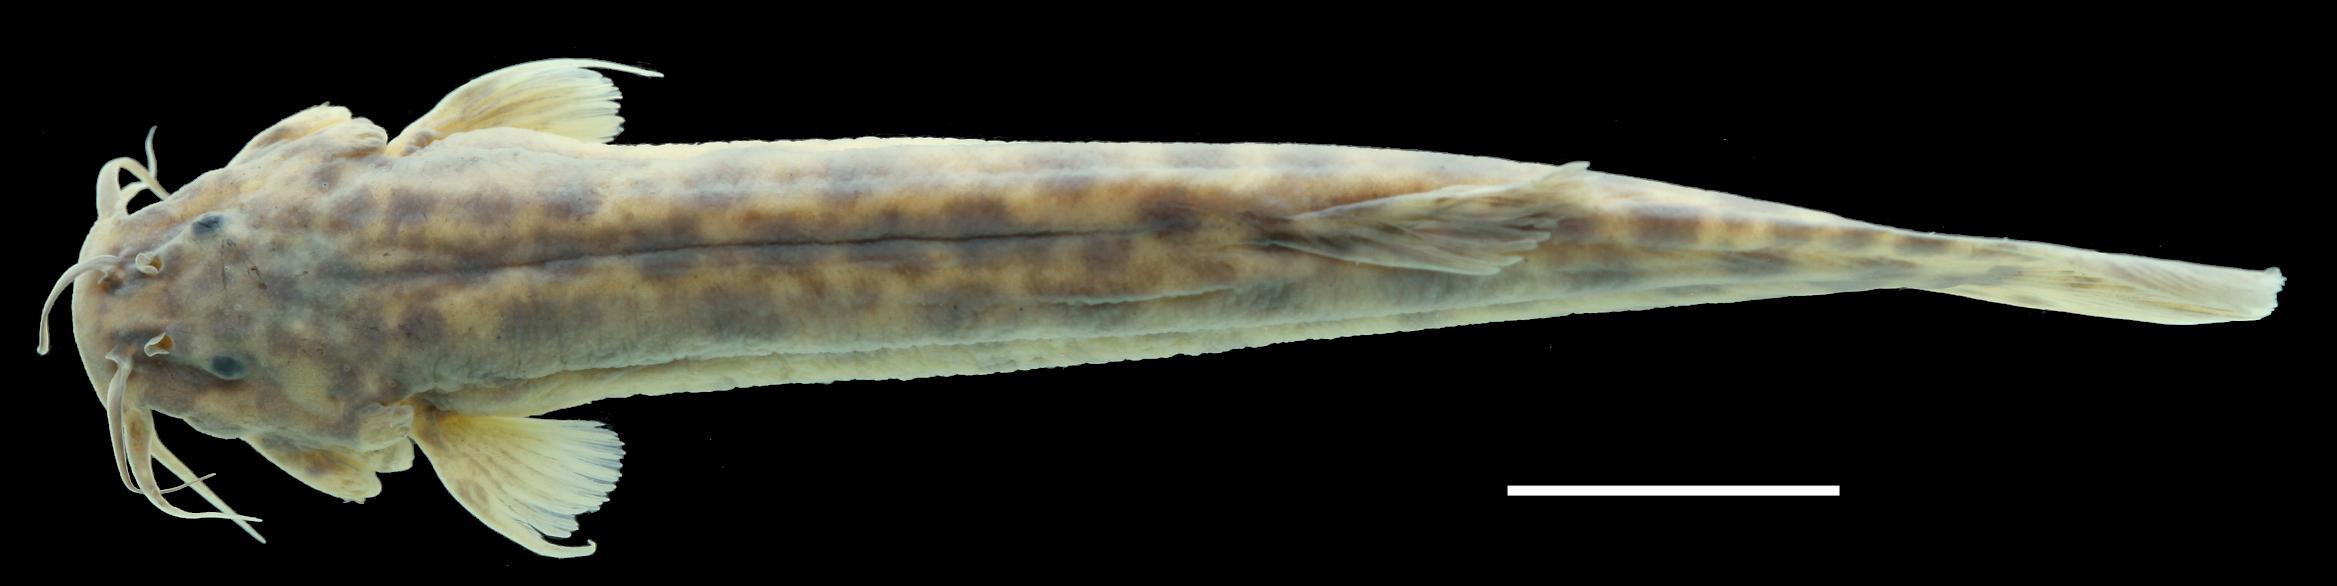 Paratípo de <em>Trichomycterus ocanaensis</em>, IAvH-P-11115_Dorsal, 57.2 mm SL (scale bar = 1 cm). Photograph by C. DoNascimiento